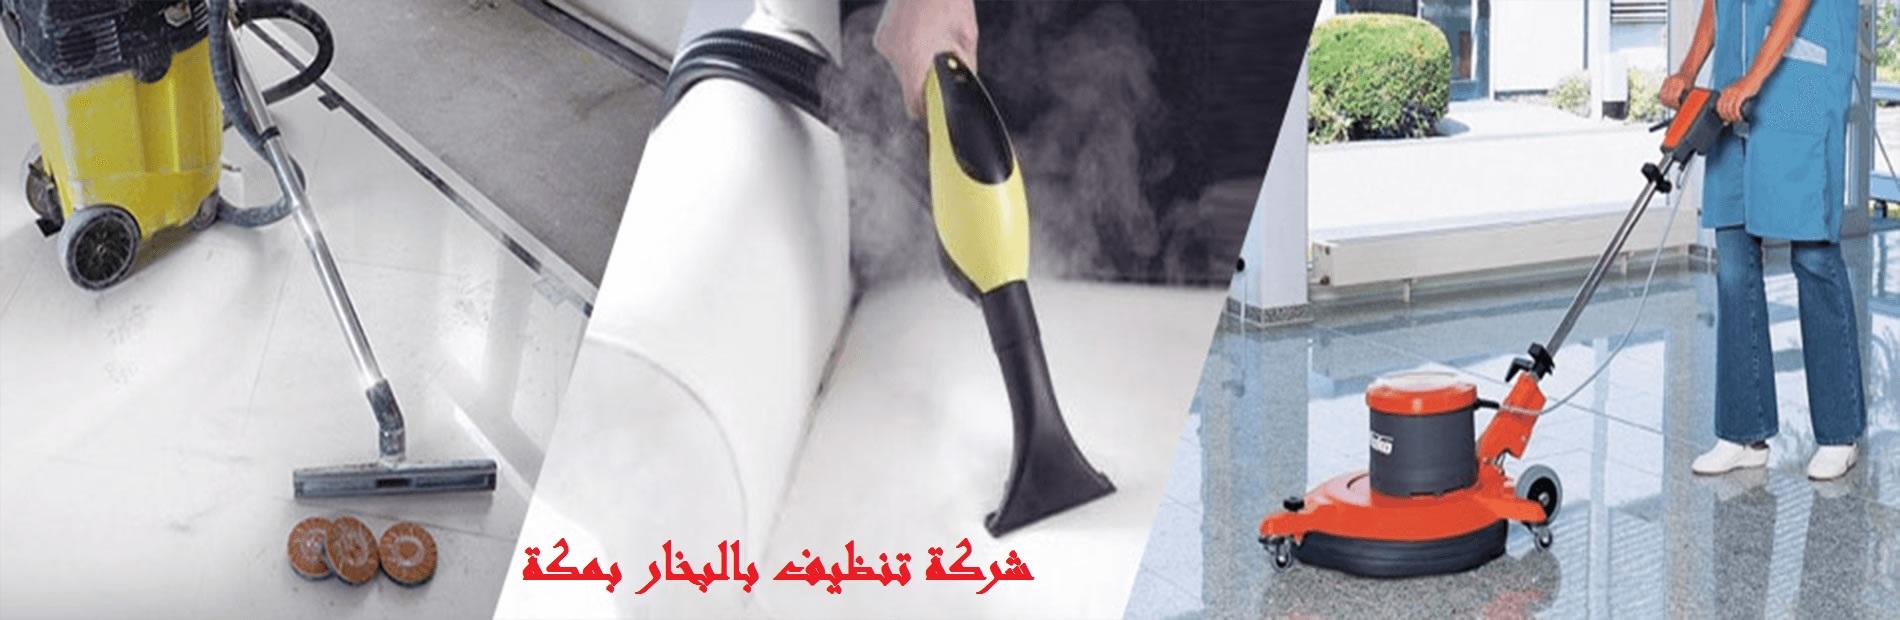 شركة تنظيف بالبخار بمكة